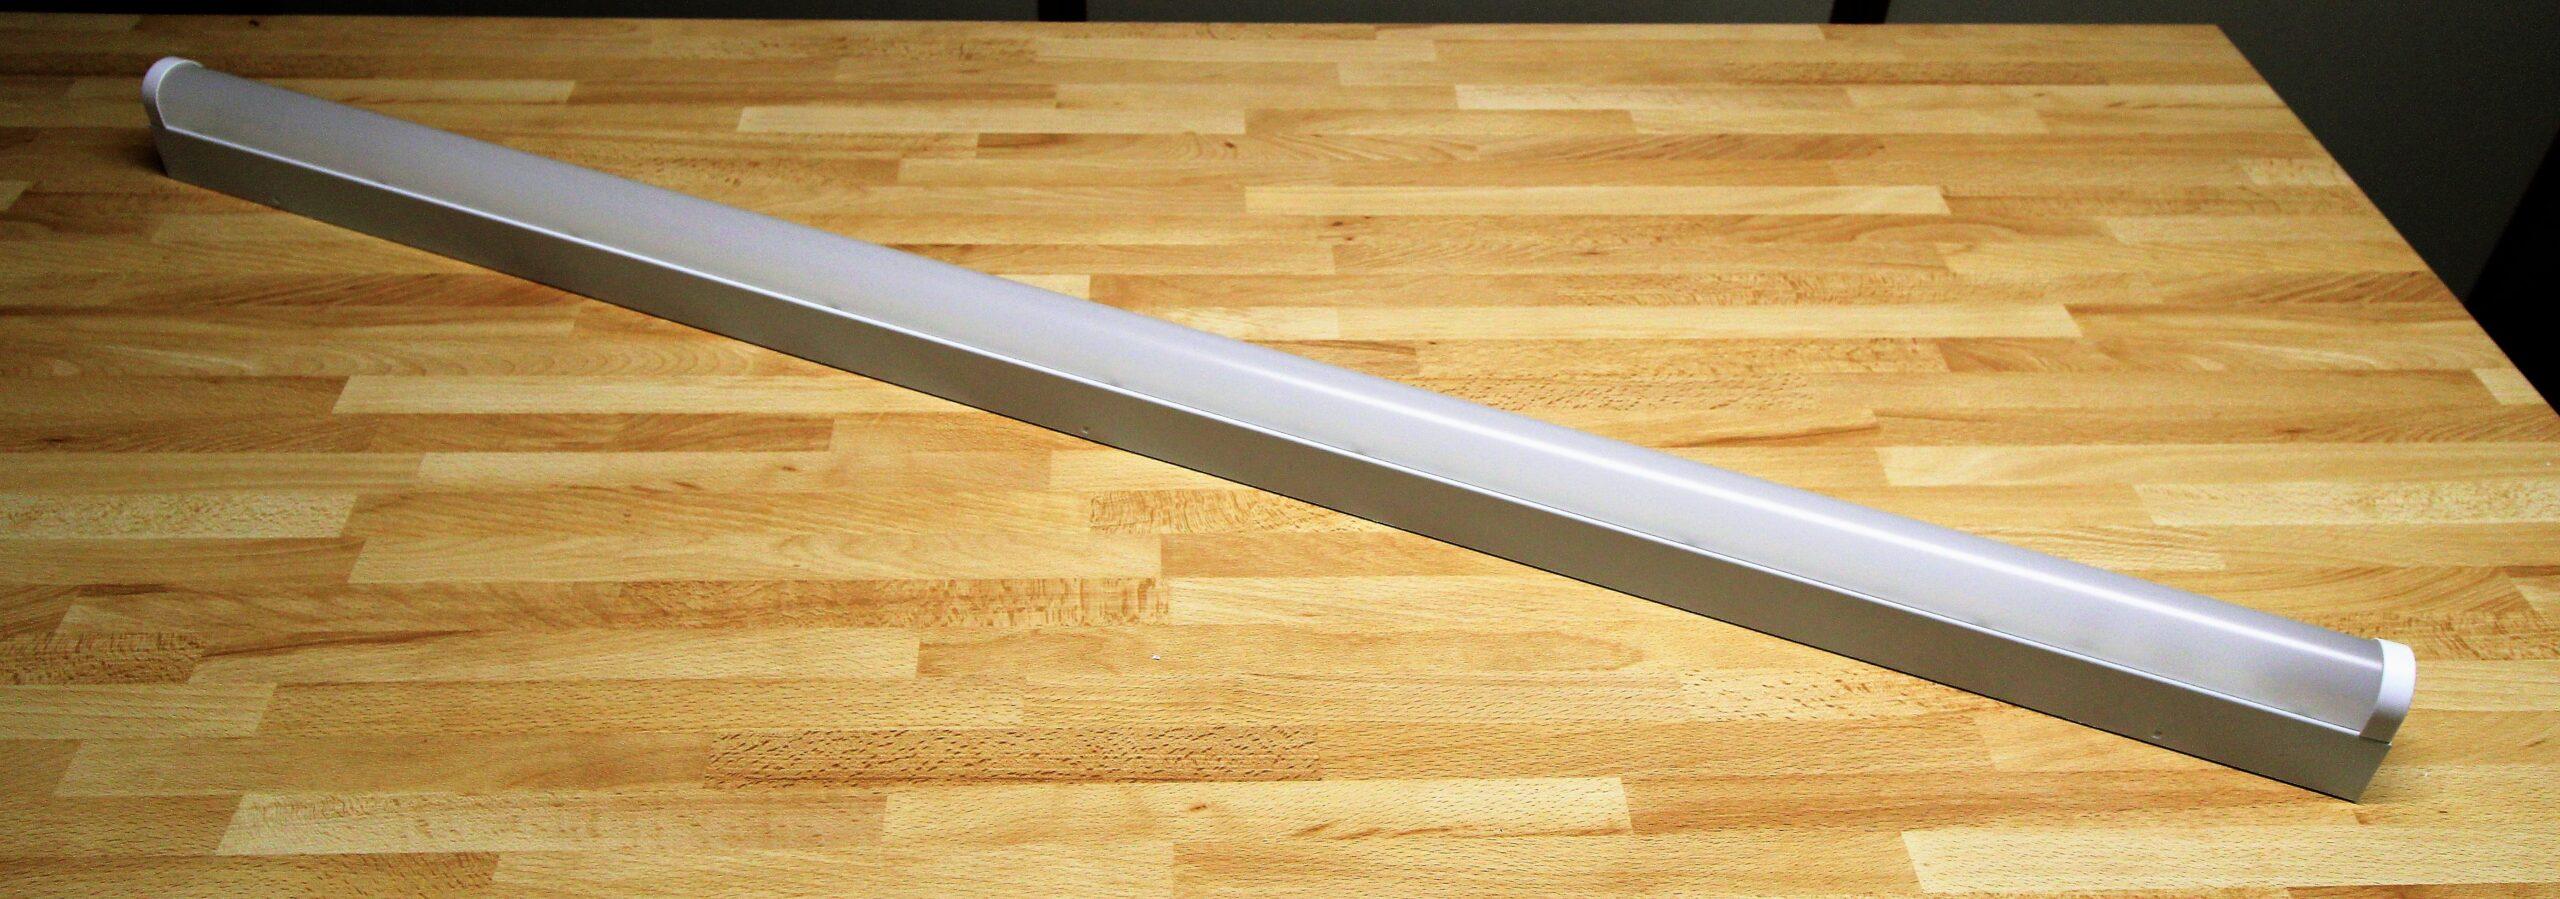 Kombination von Licht und Metall SIDLER Balkenleuchte